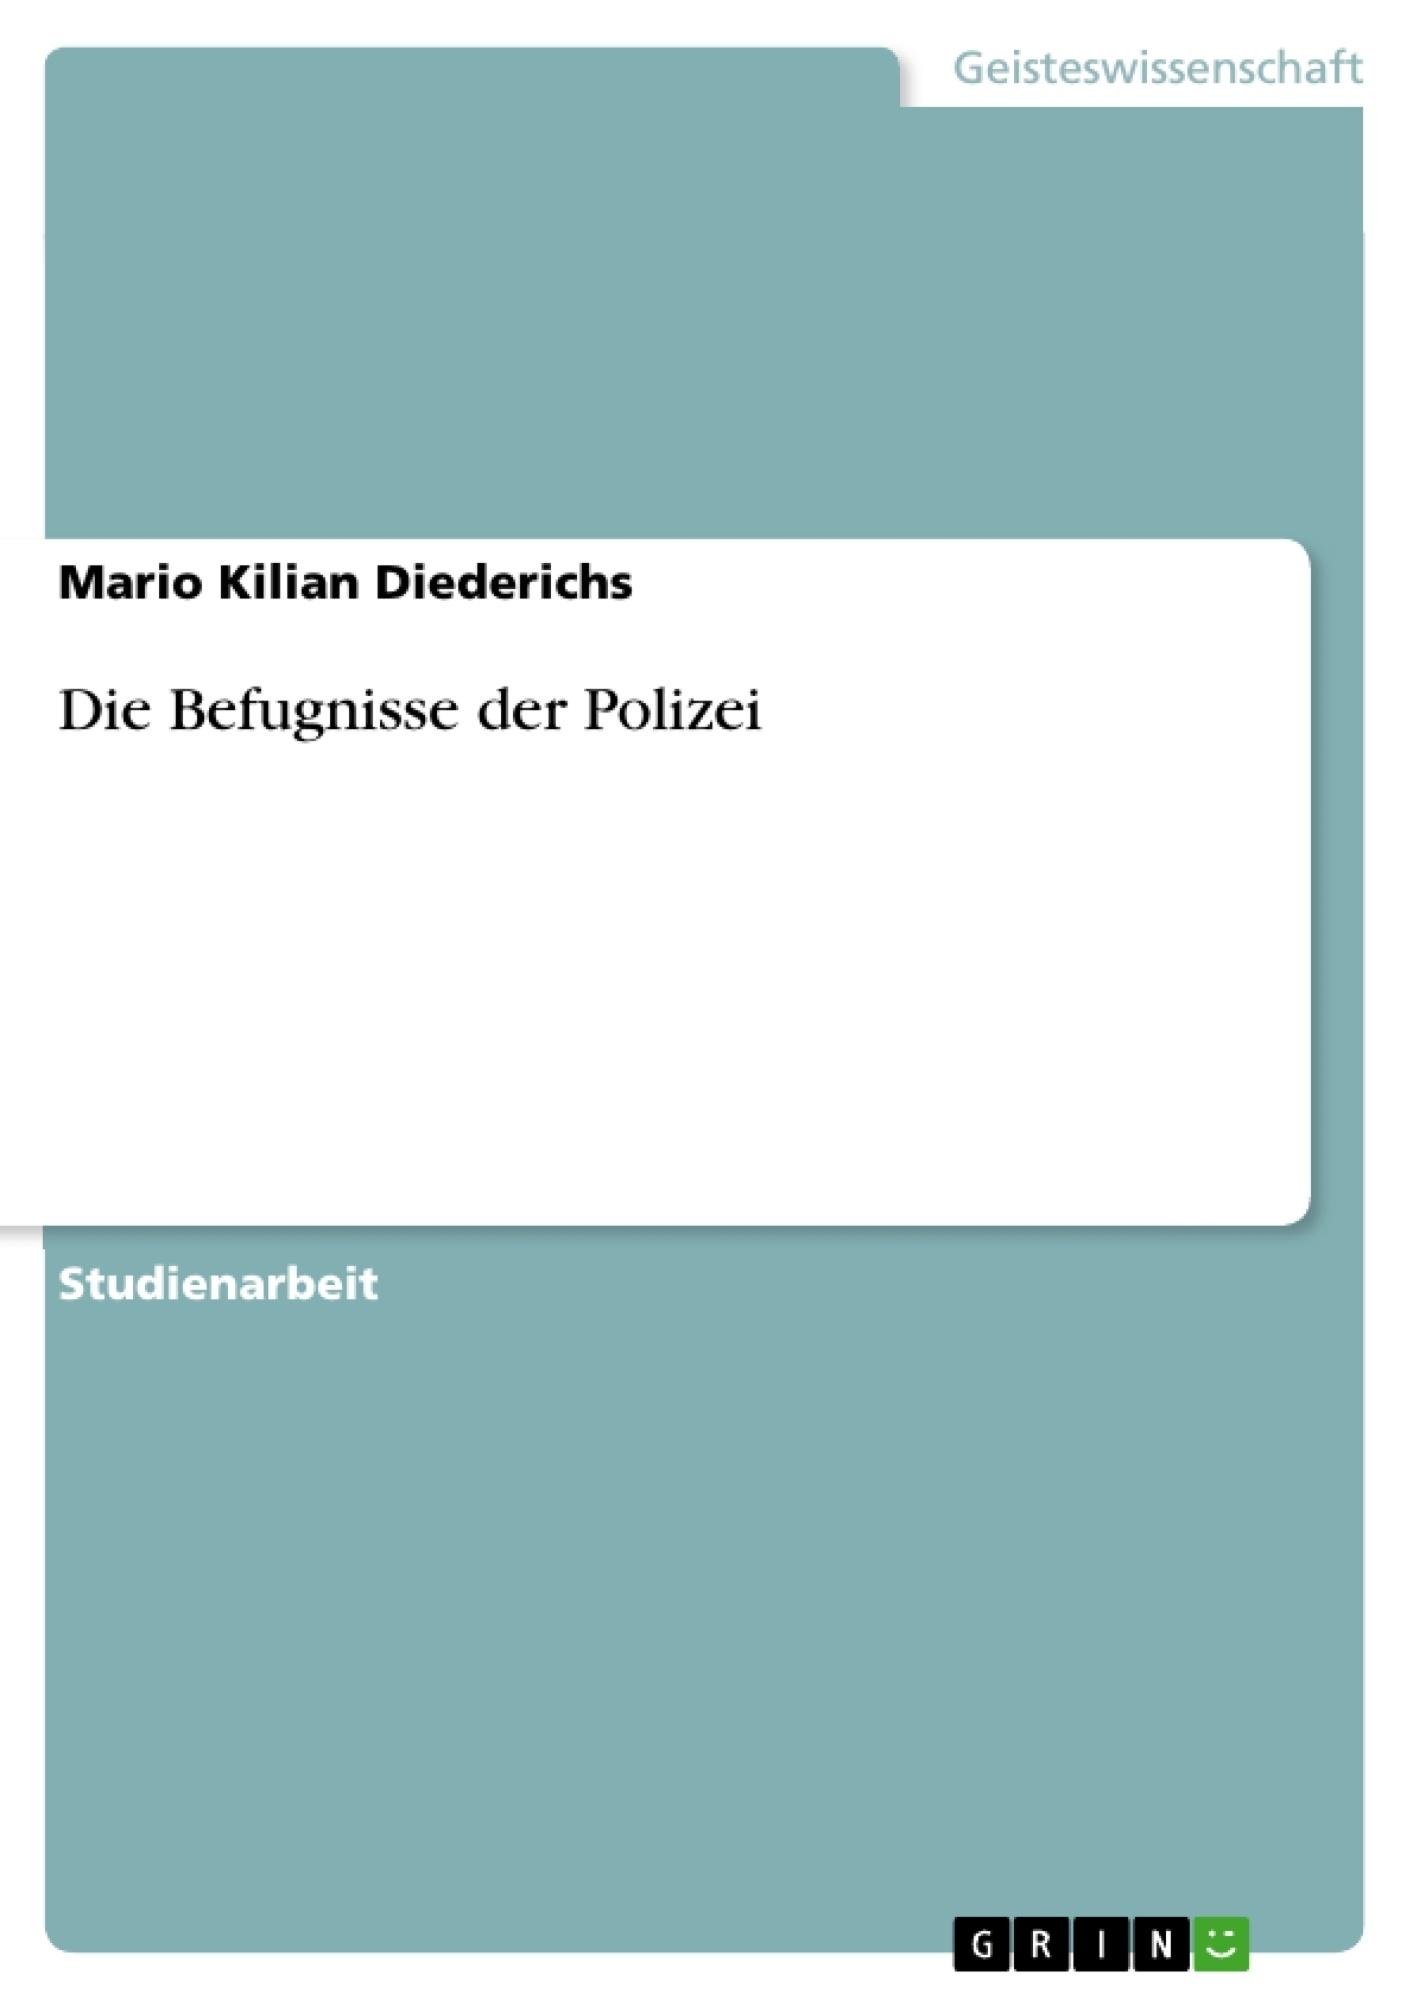 Título: Die Befugnisse der Polizei